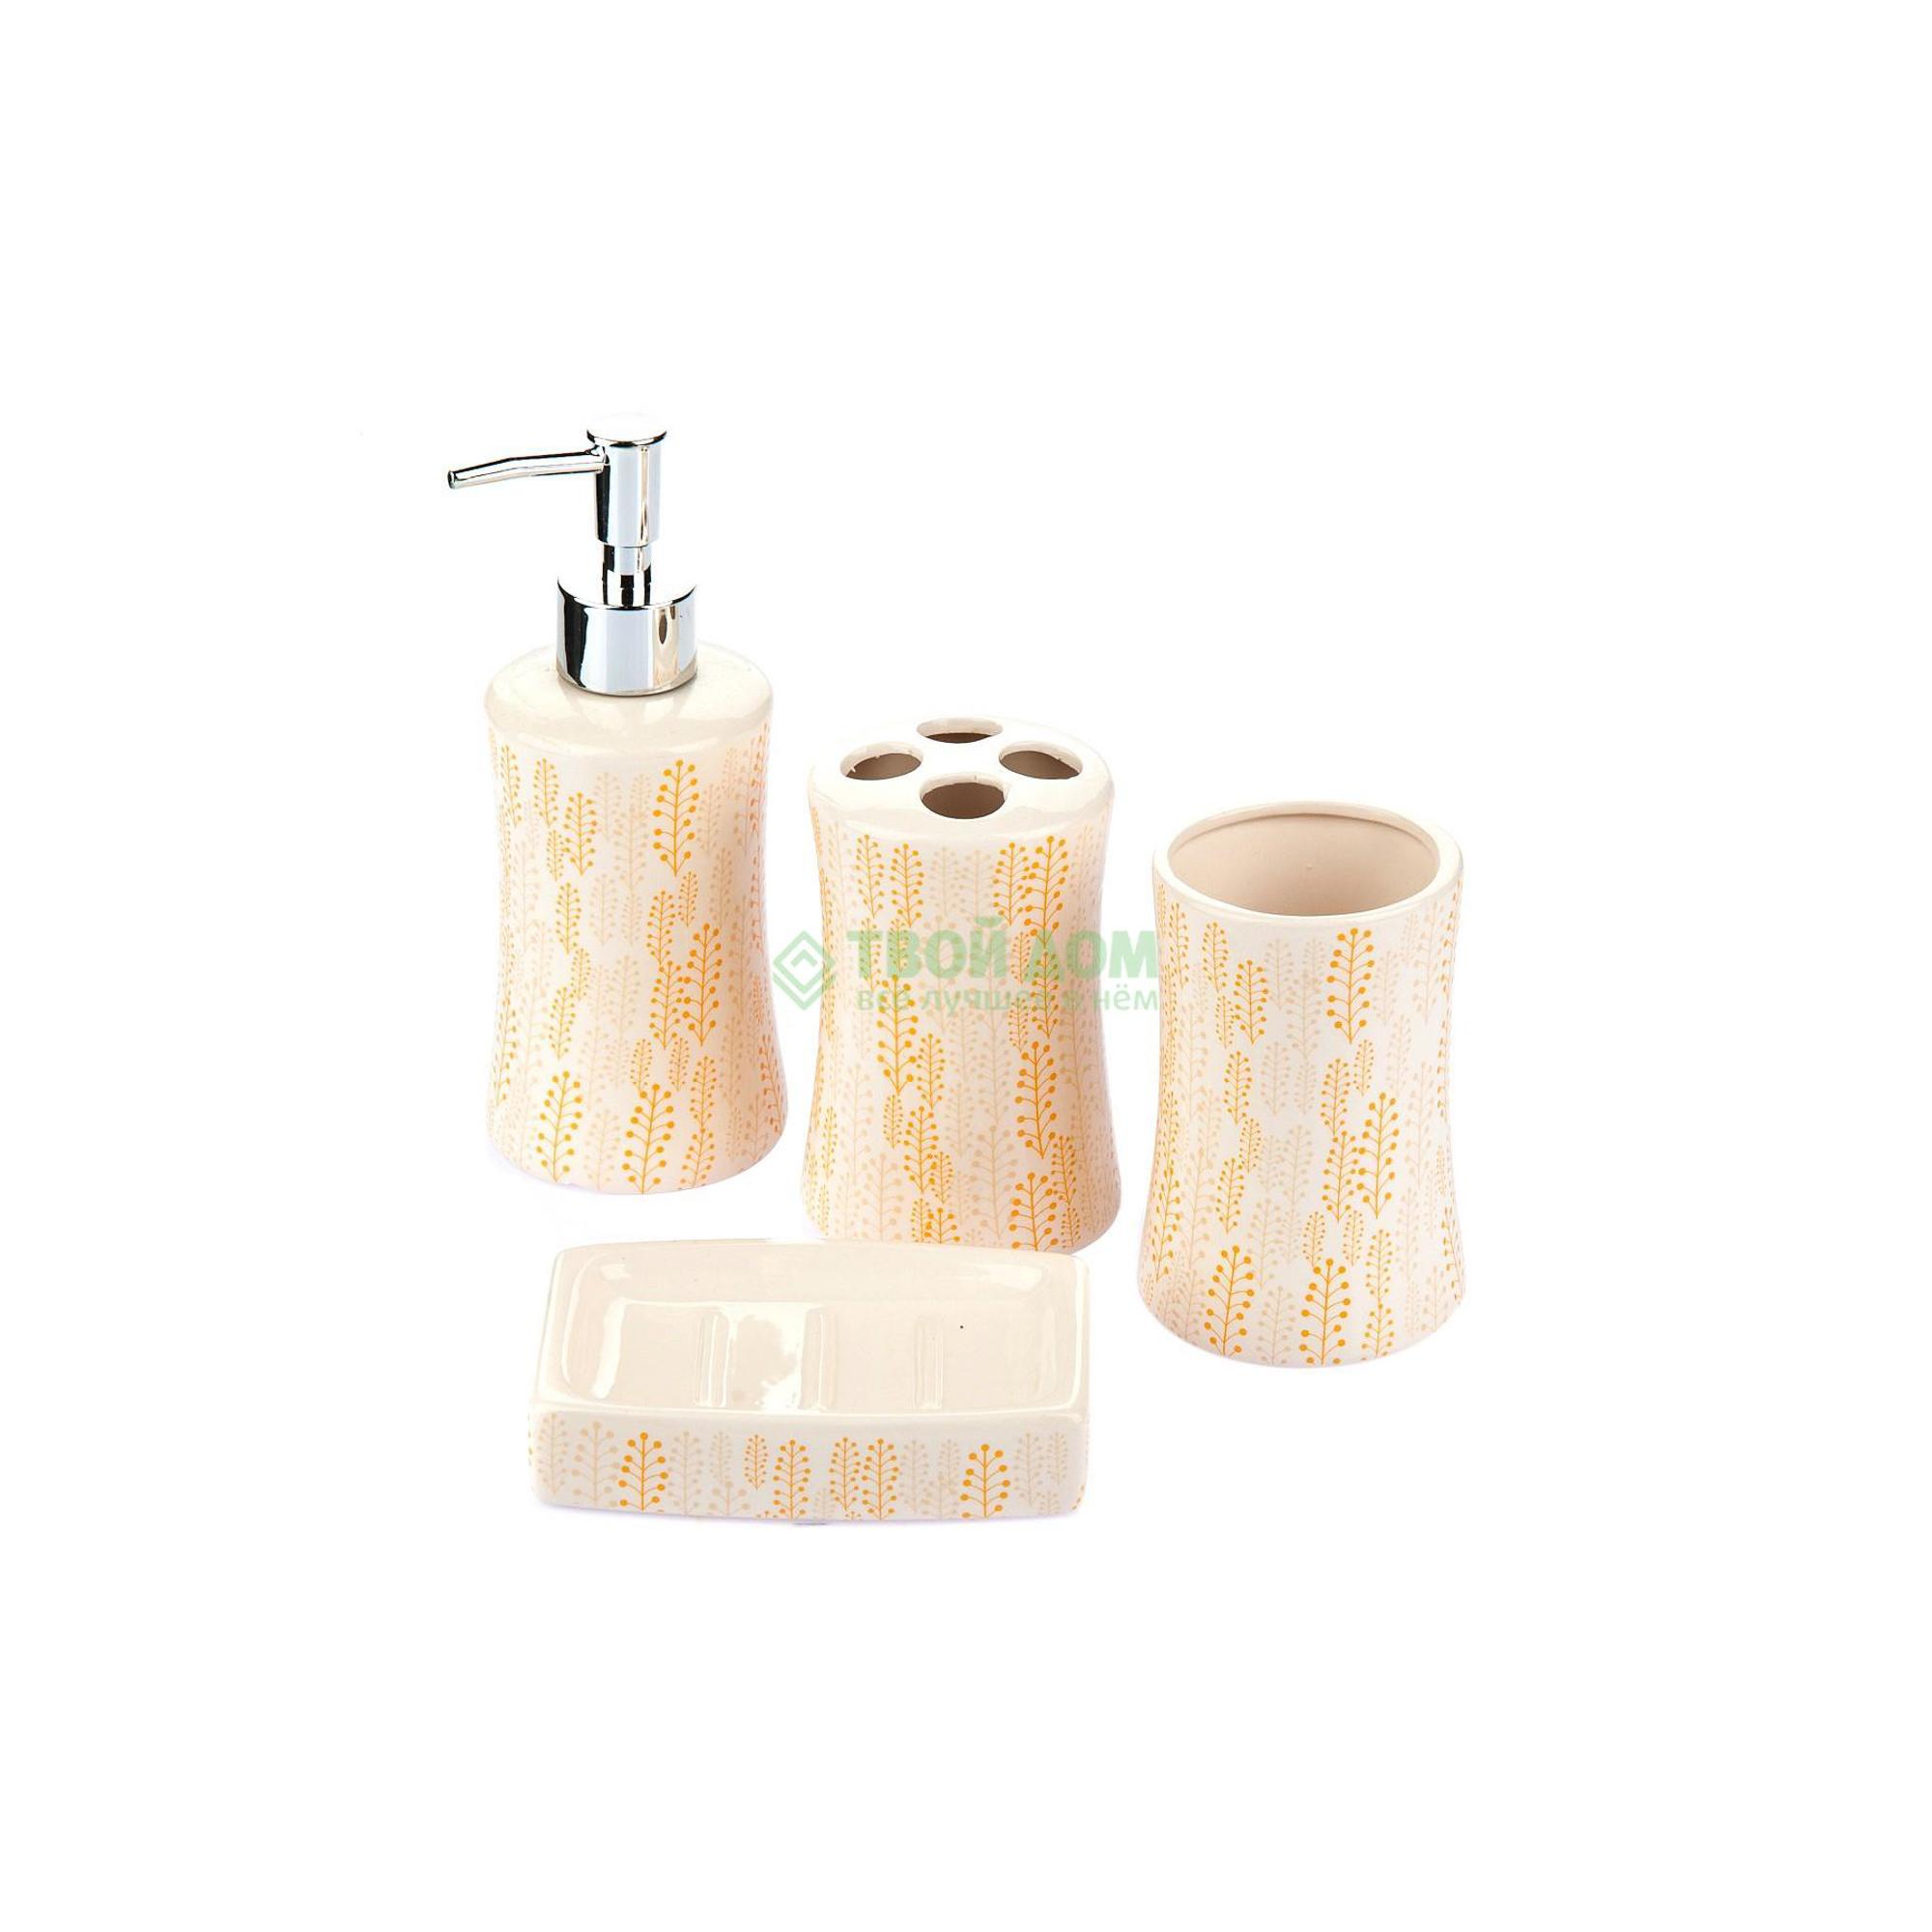 Купить Набор для ванной комнаты Primanova D-16006, набор для ванной комнаты, Китай, белый, оранжевый, фарфор